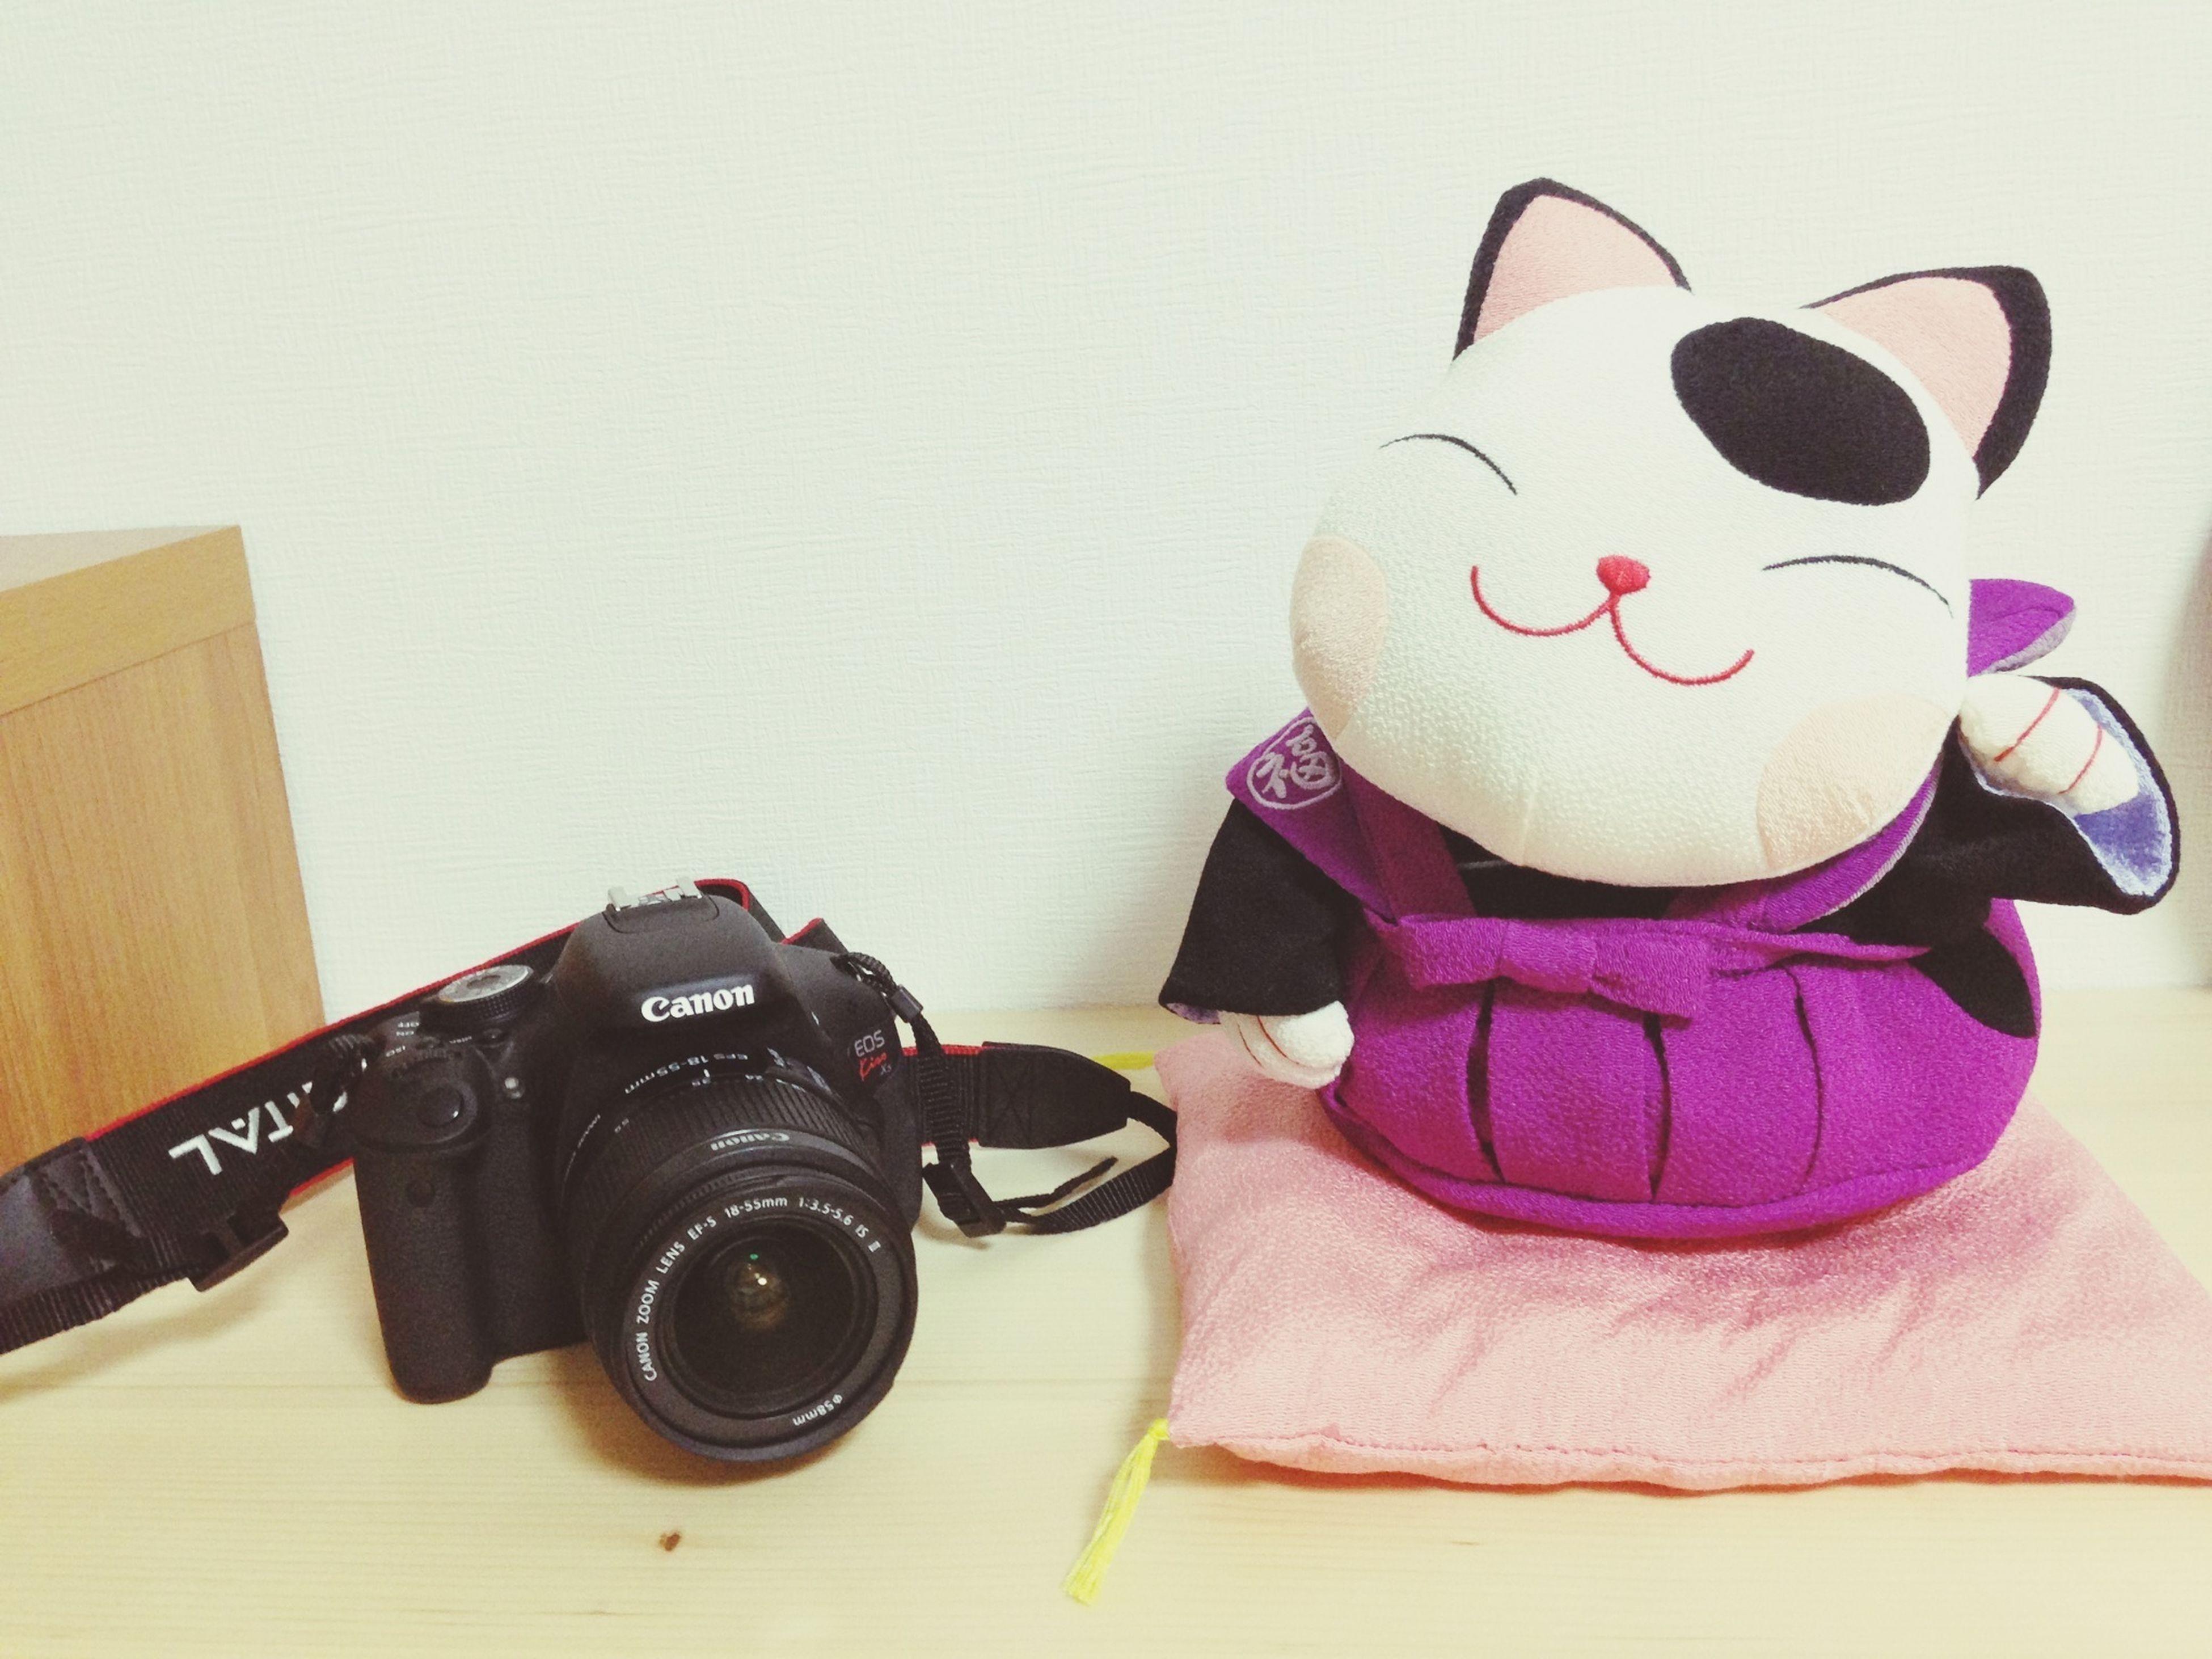 ついに一眼レフ購入!(((o(*゚▽゚*)o)))これからどんどん写真楽しみます(*^_^*)